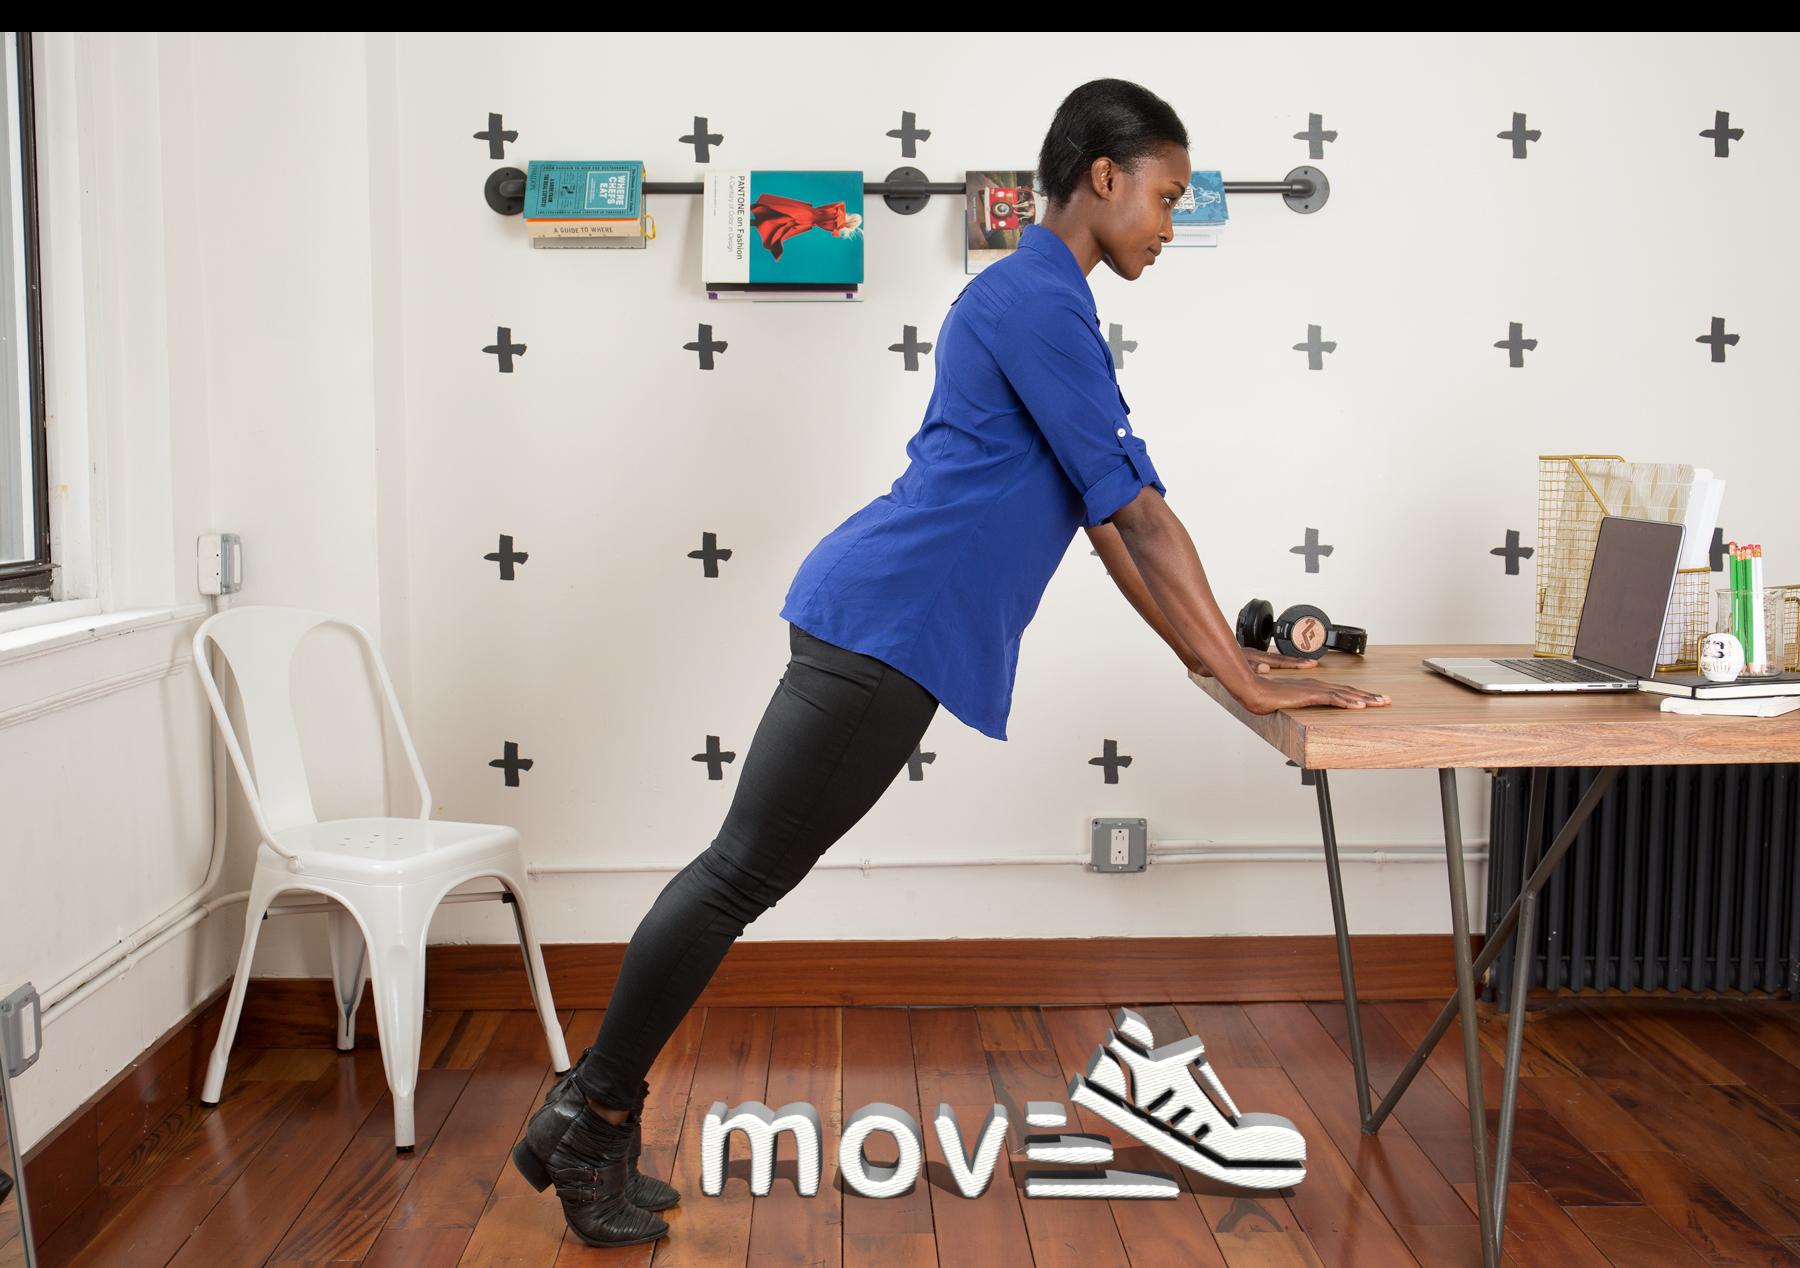 Desk move.png